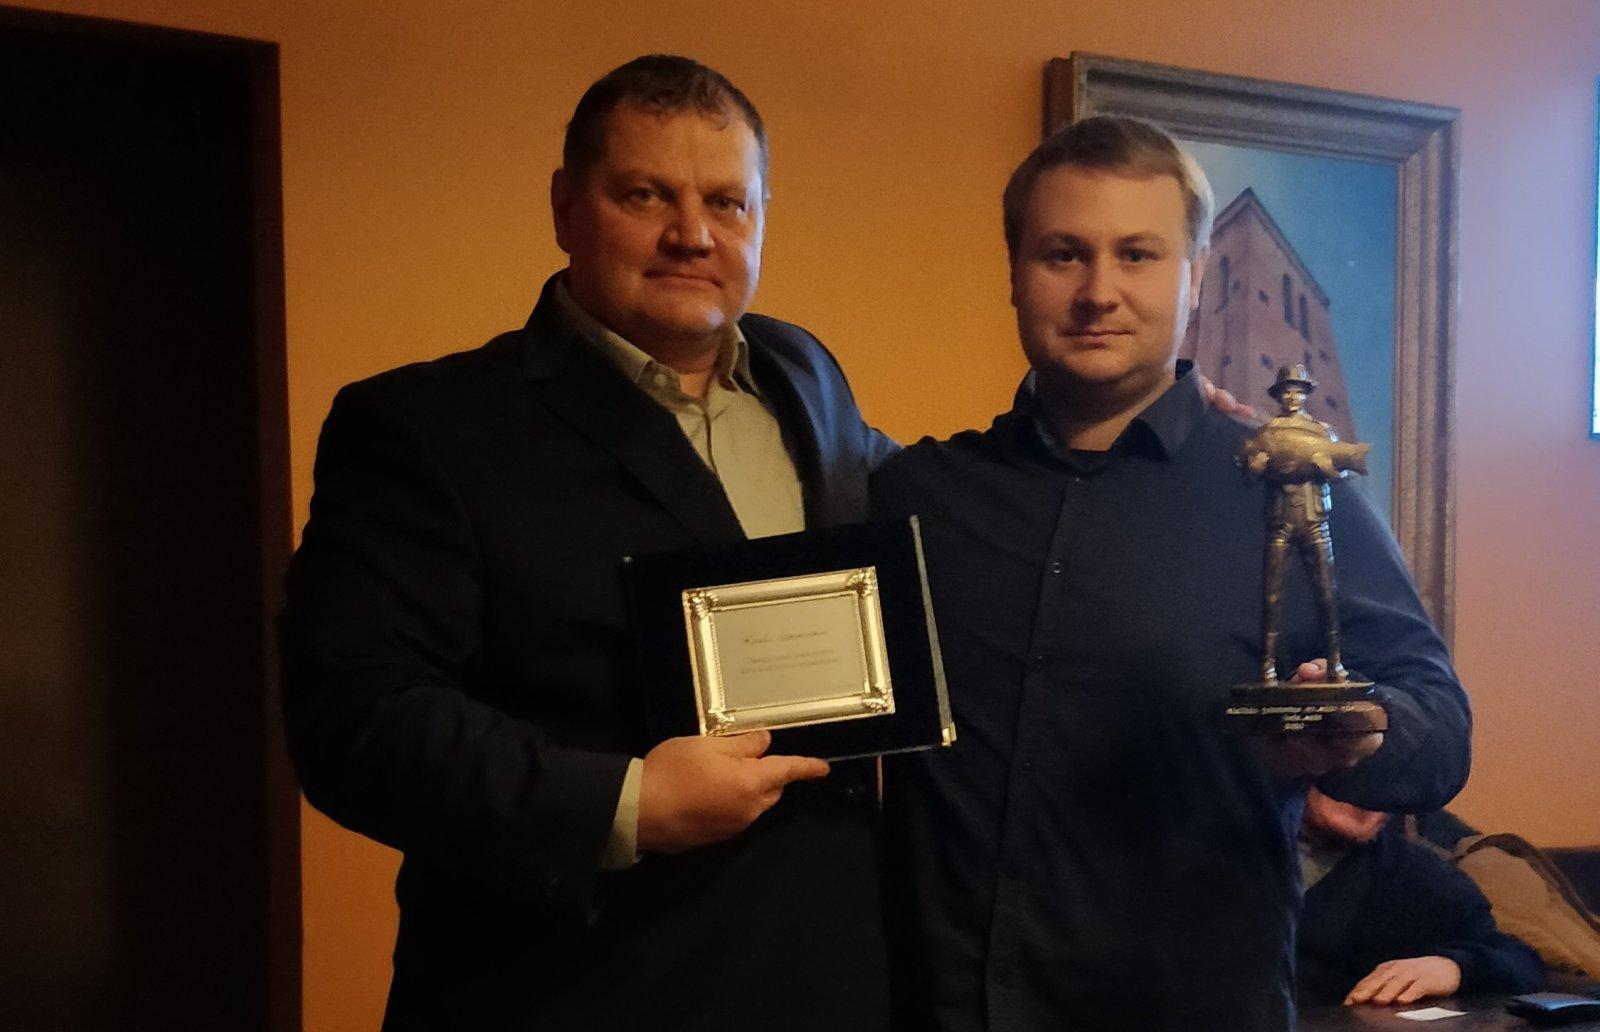 Jõutõsteliidu juhi ameti üle andnud Kaido Leesman:  Andrusenko ei ole mingisugune määratud juht või lihtsalt mantlipärija